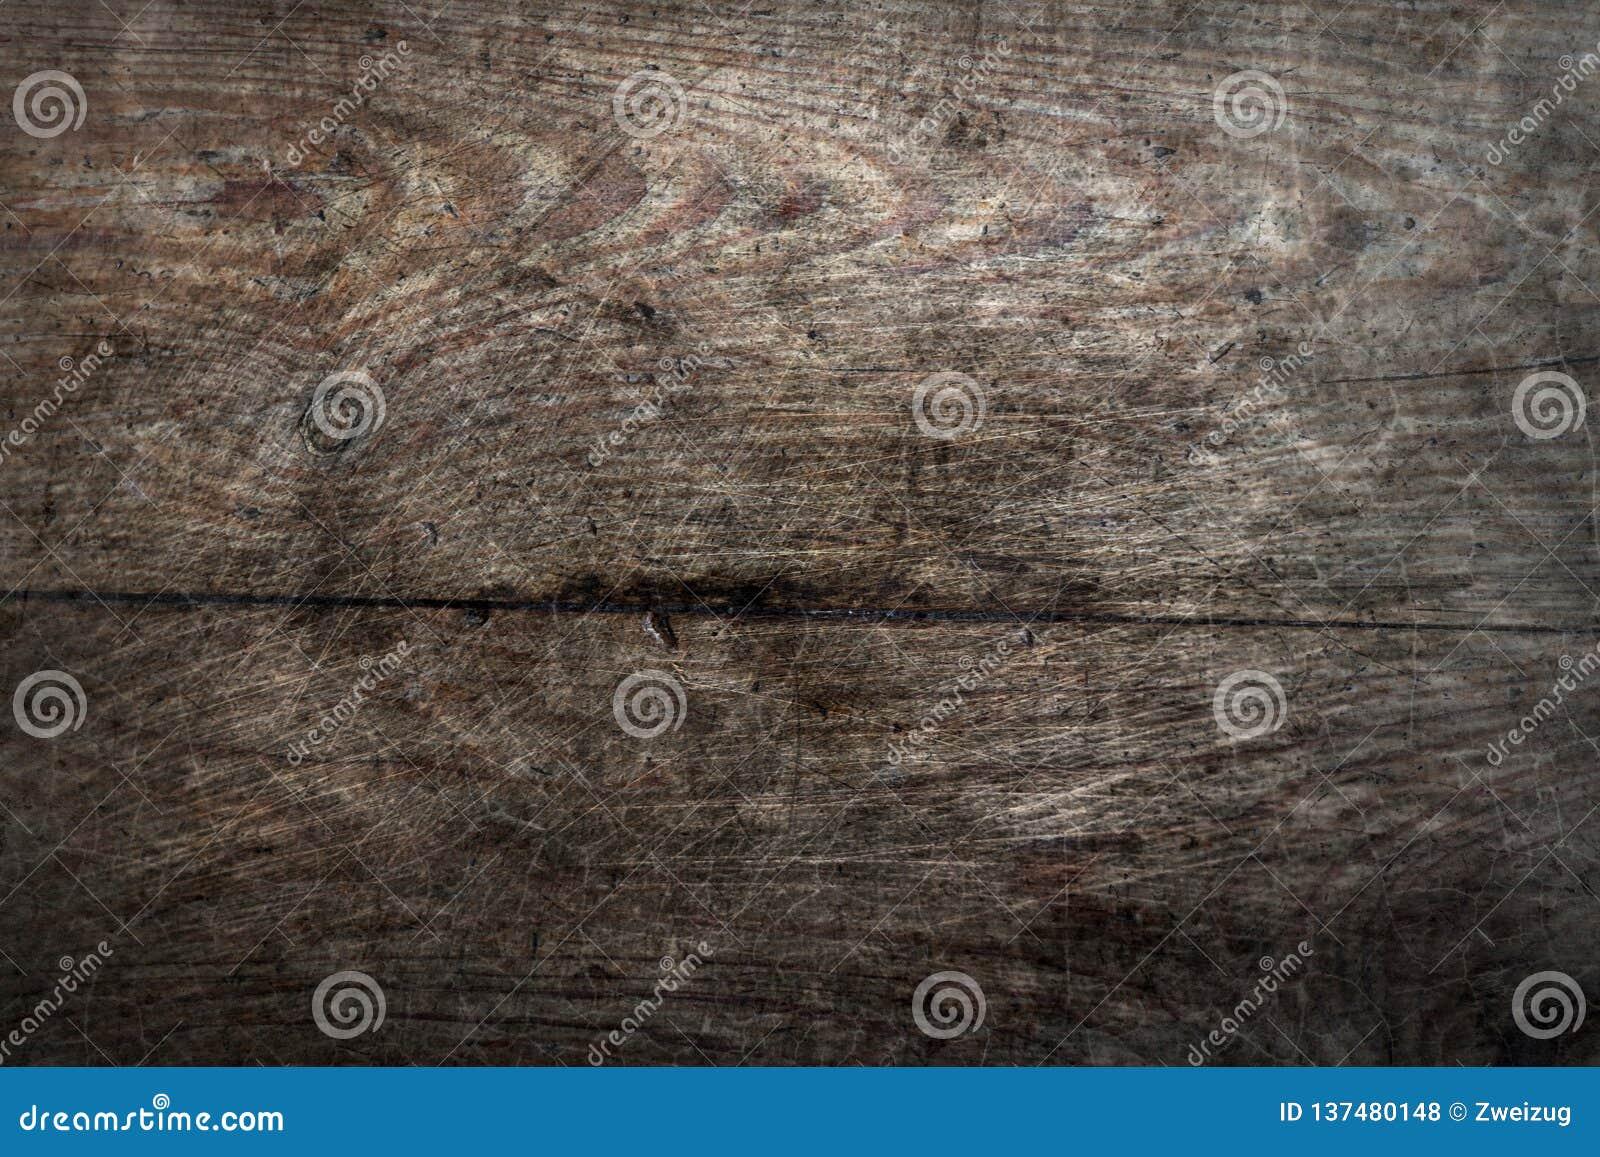 Starej sosnowego drewna grunge podłogowych desek pęknięcia wzoru powierzchni tekstury abstrakcjonistyczny tło